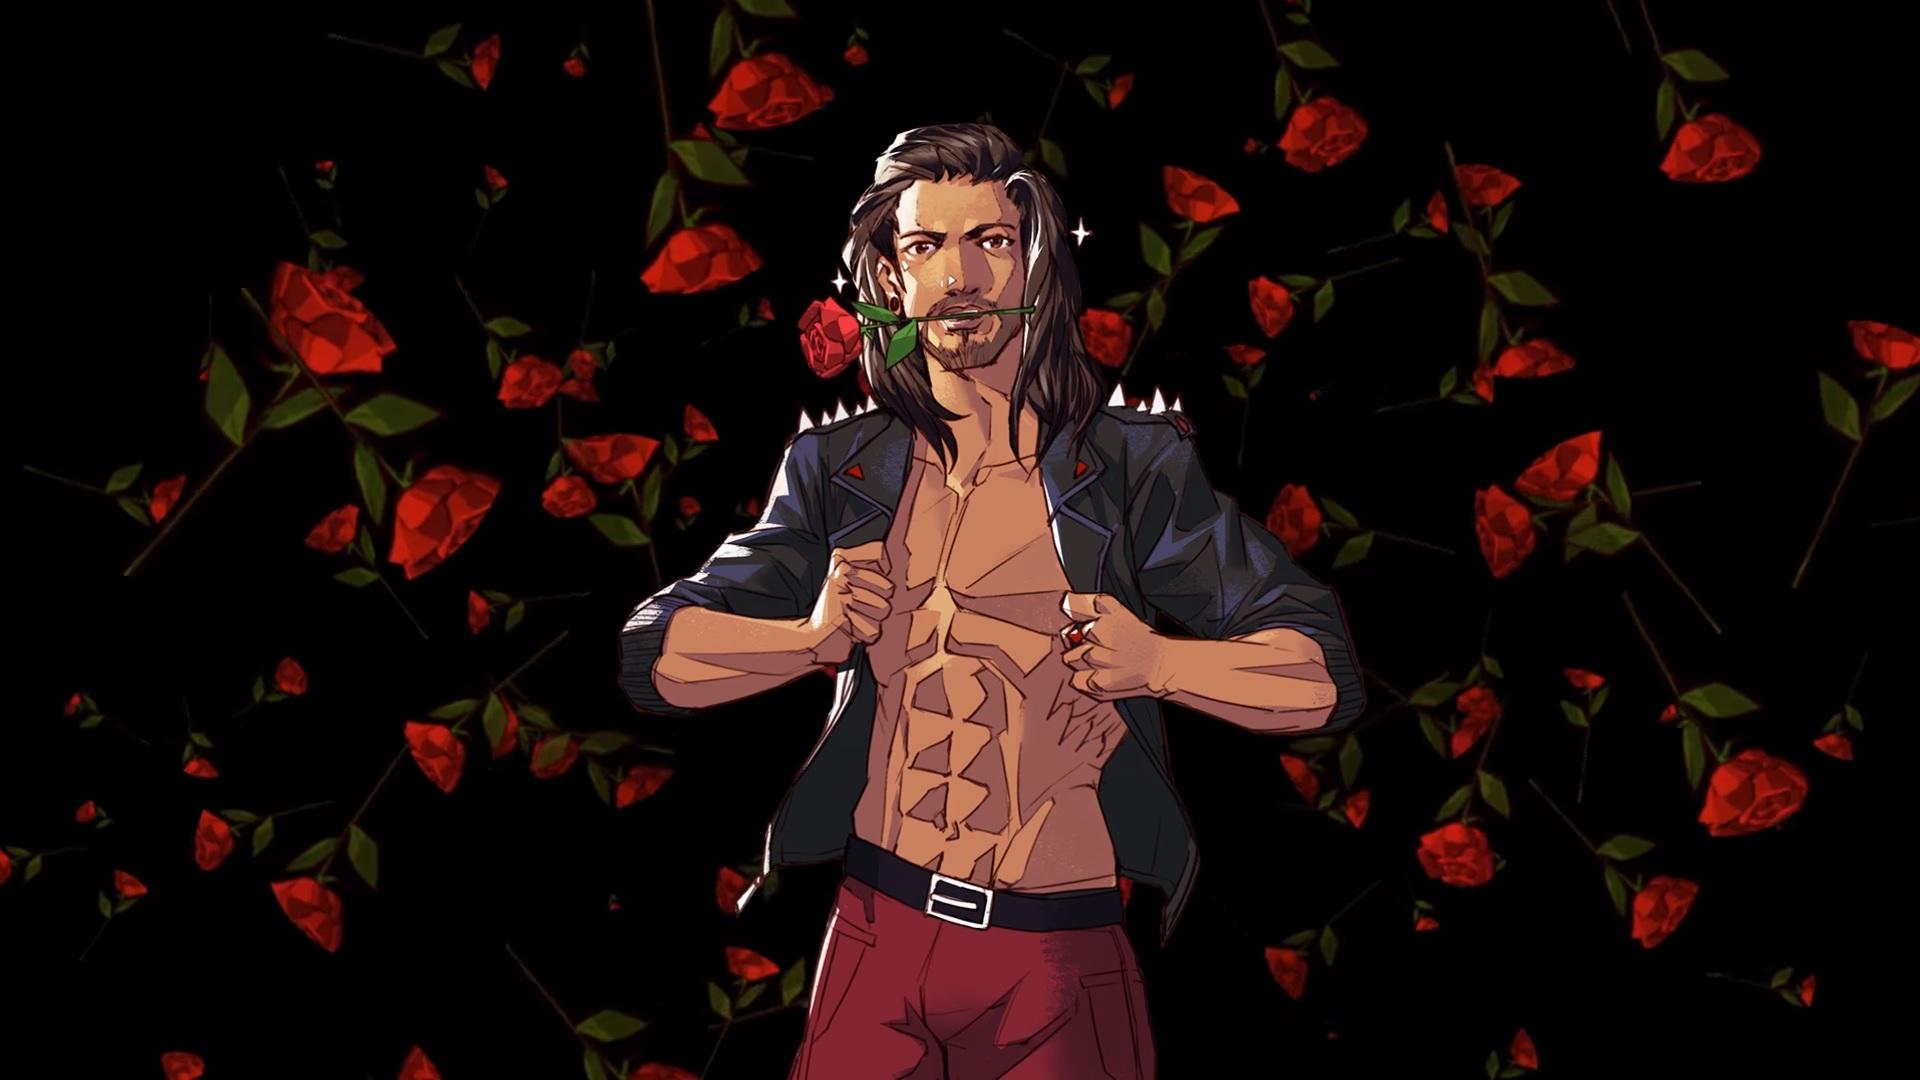 boyfriend dungeon wallpaper 73351